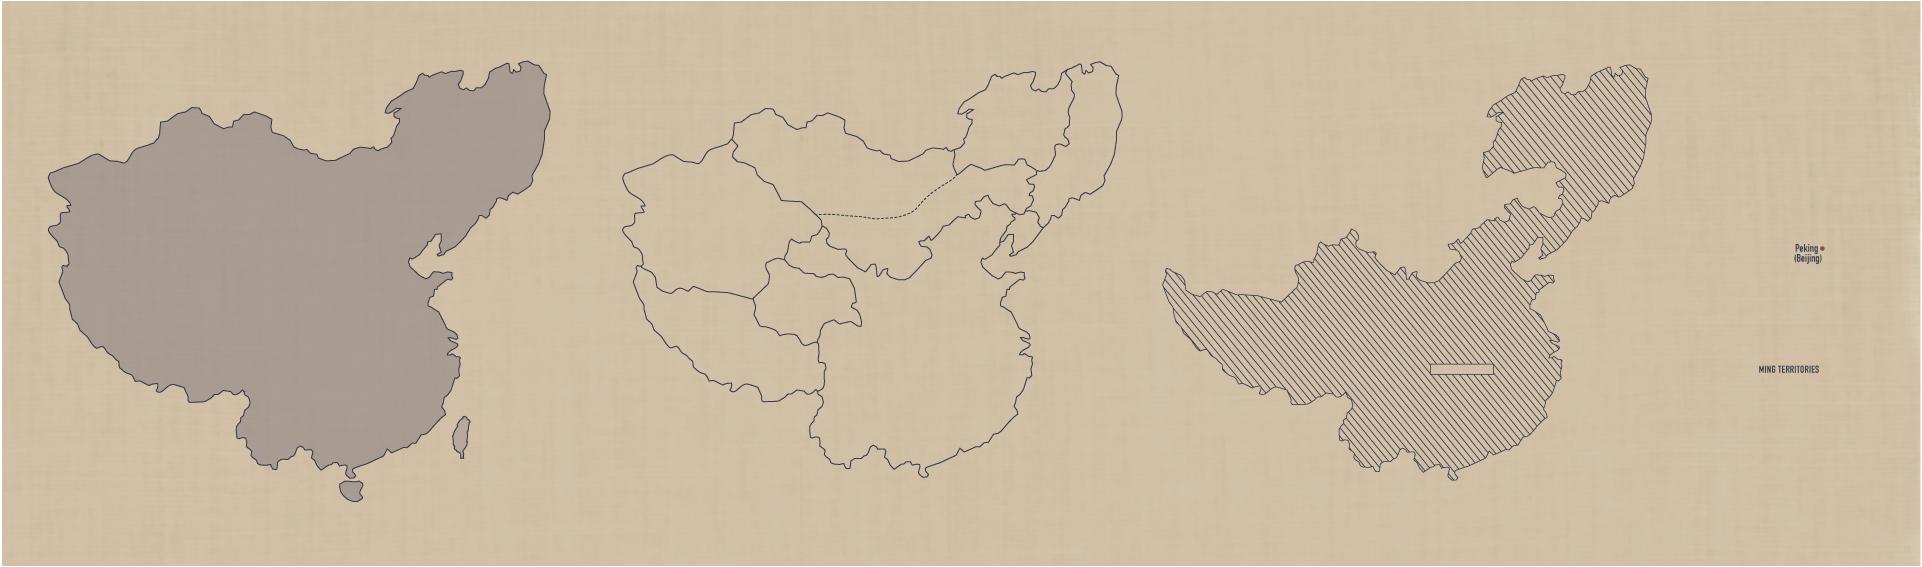 Qing_map2_full screen_full screen.png